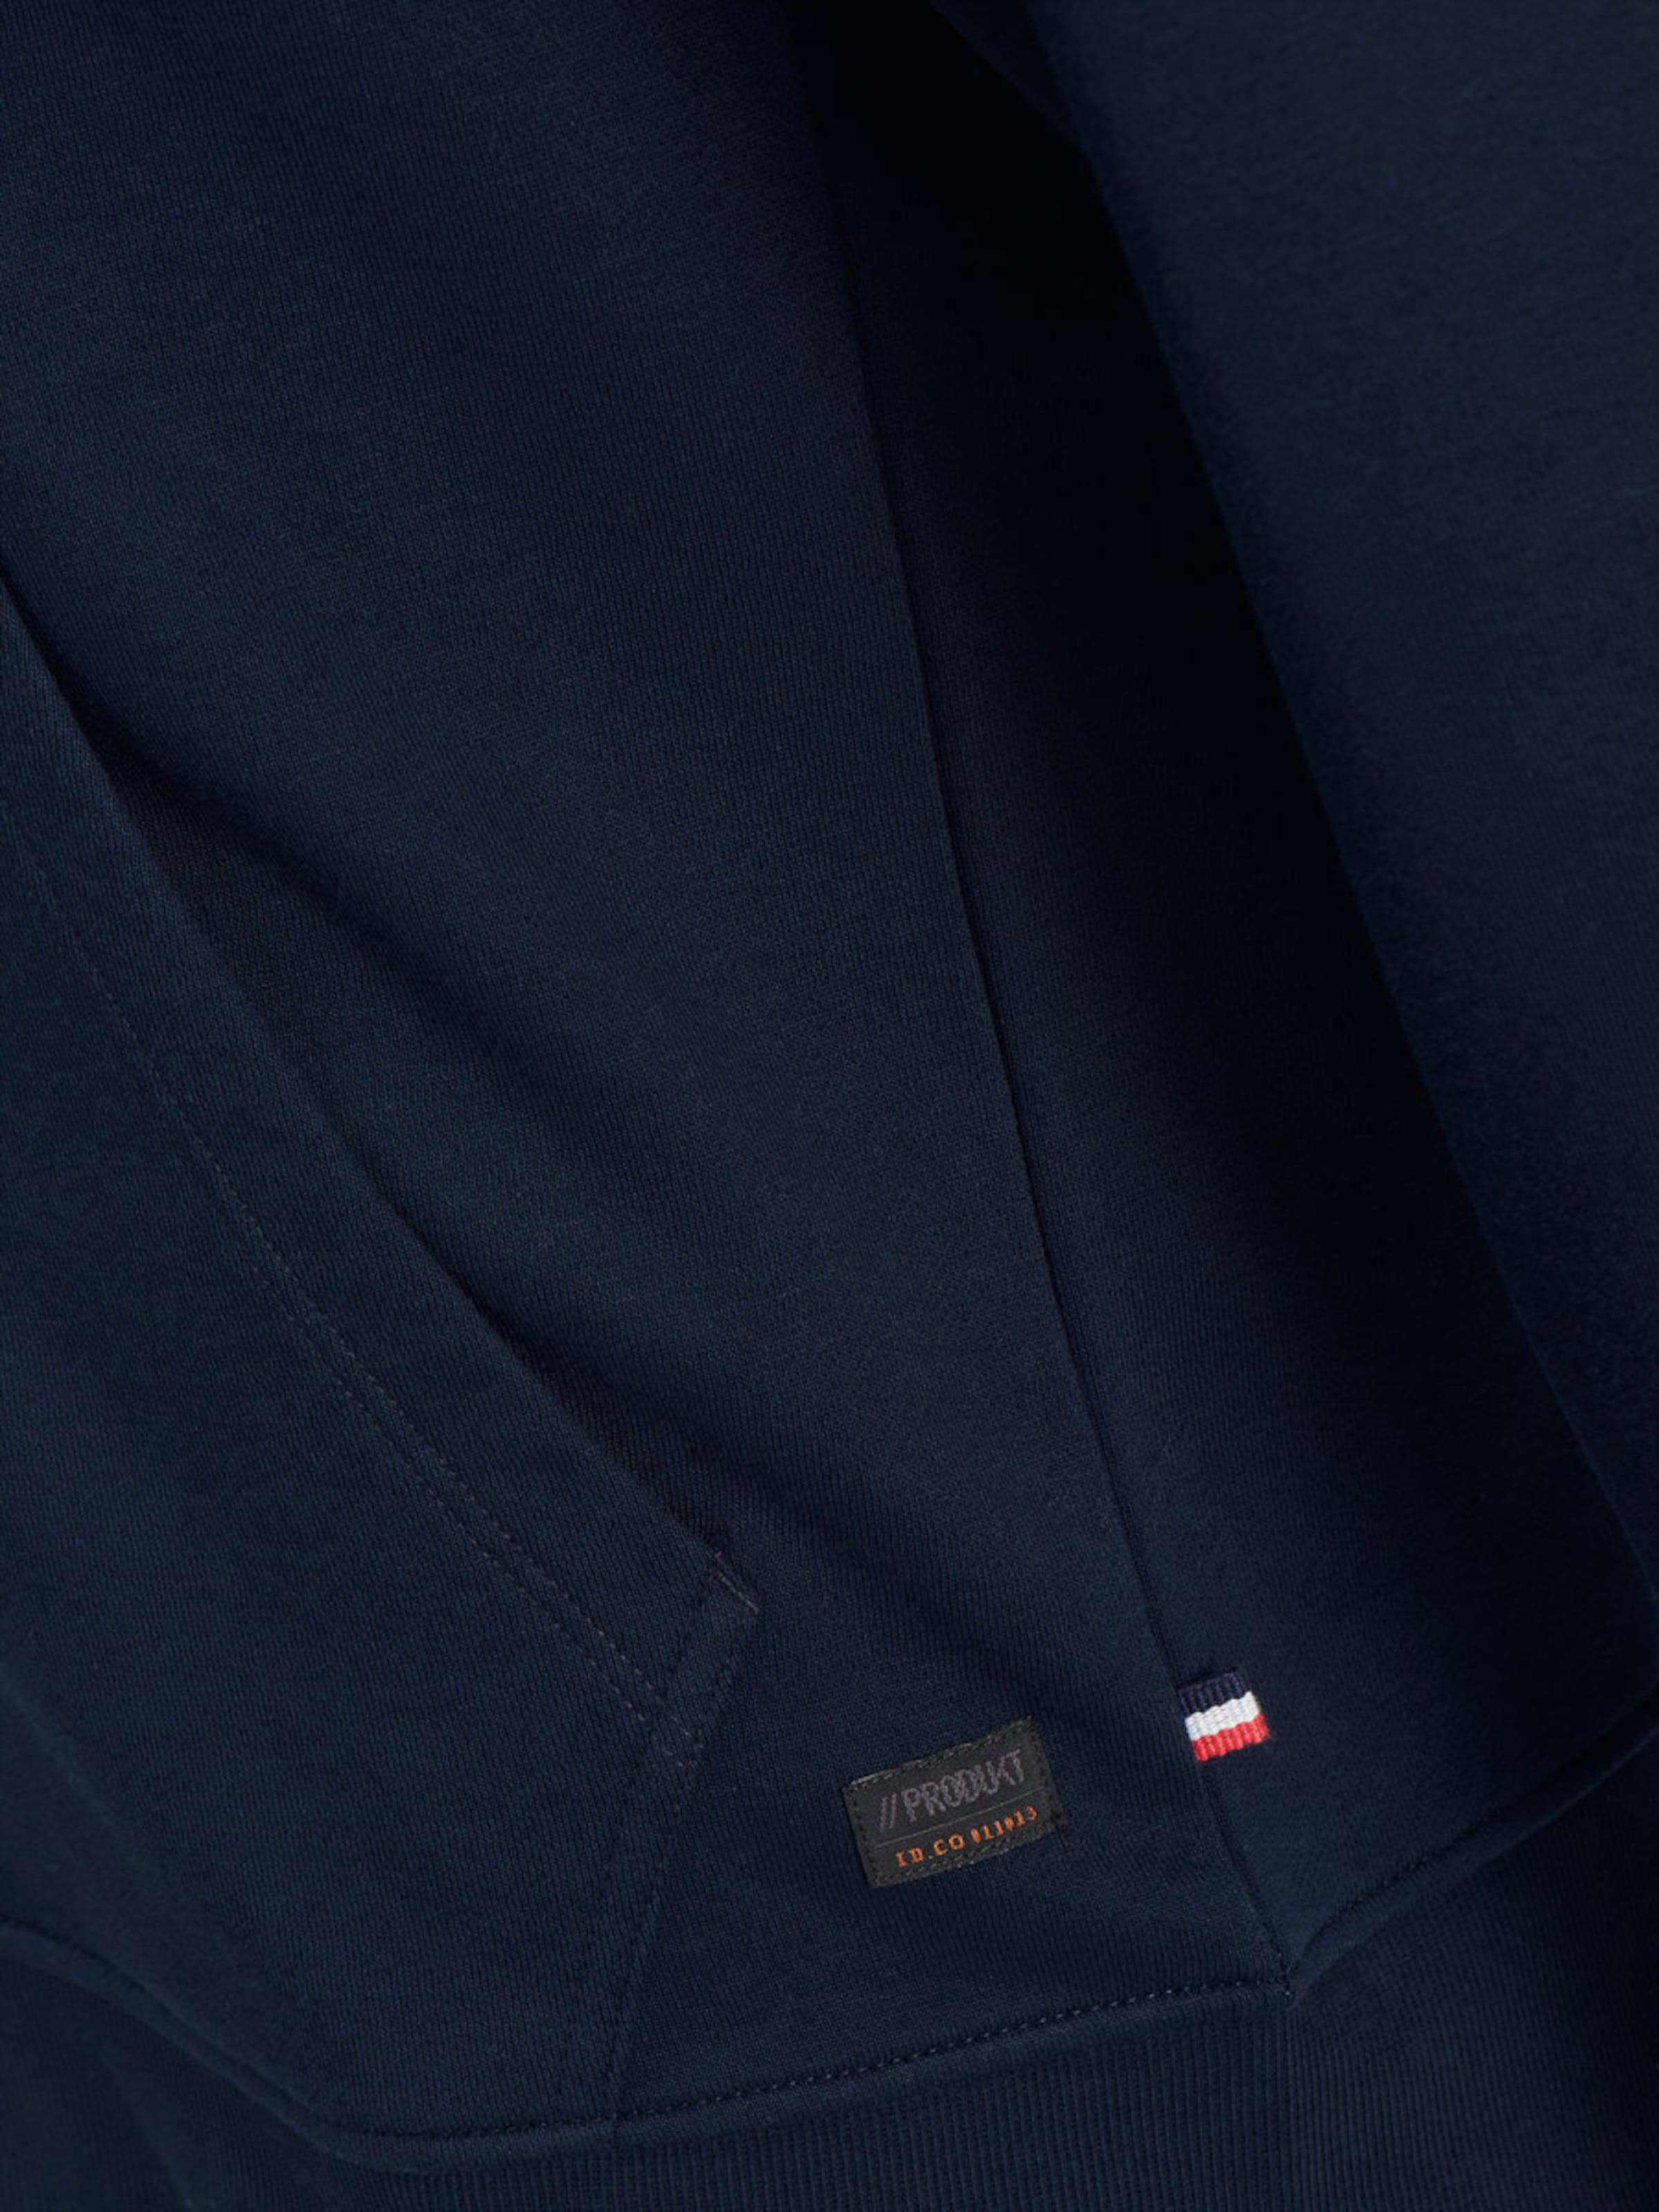 Freies Verschiffen Eastbay Freies Verschiffen-Spielraum Store Produkt Sweatshirt Reißverschluss Neuester Günstiger Preis Angebote Online-Verkauf v2BU0Nelzd